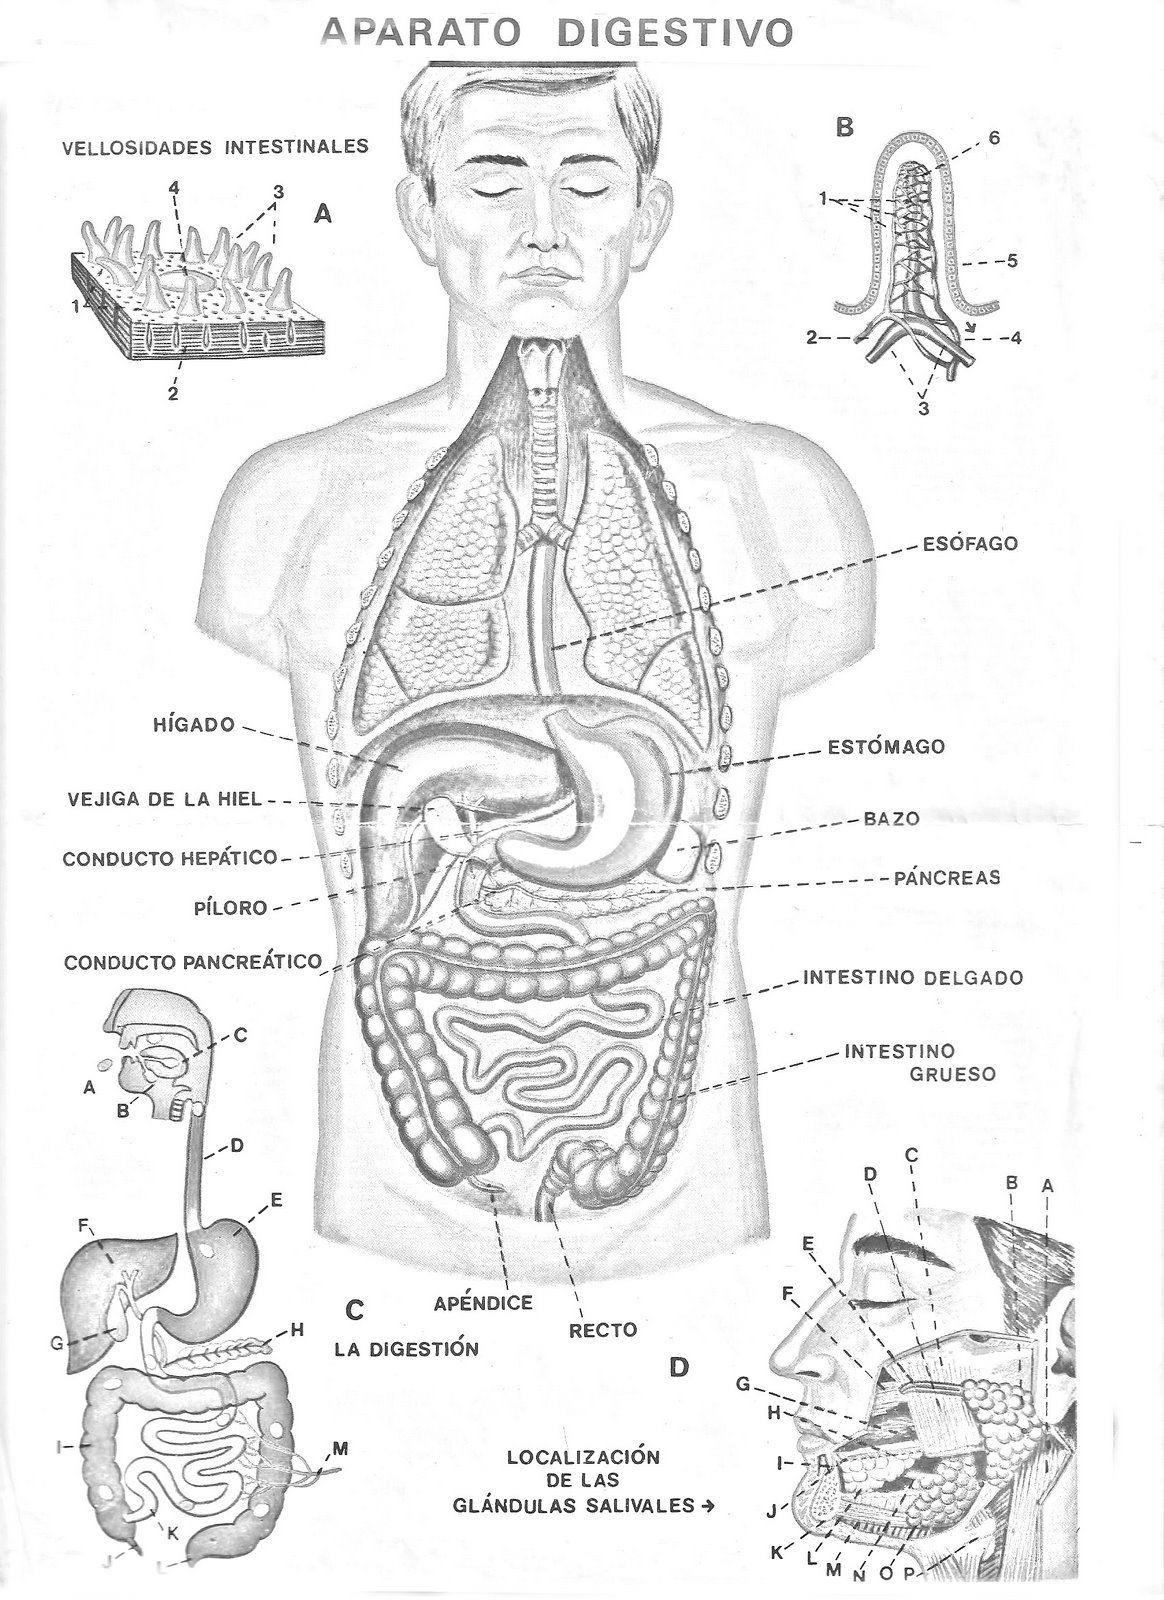 El aparato Digestivo | Cuerpo humano | Pinterest | Aparato digestivo ...